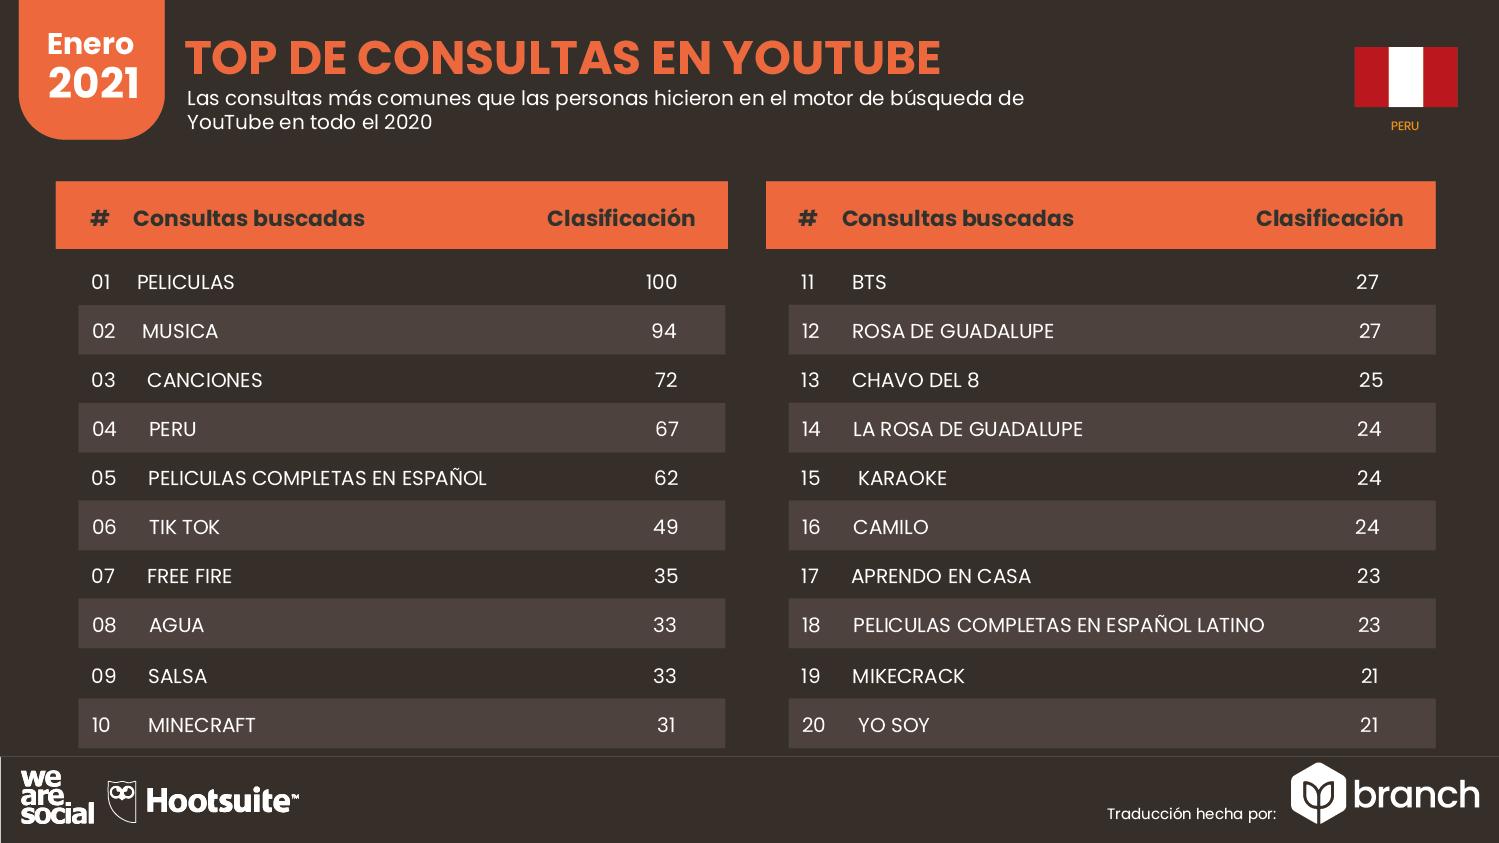 top-de-consultas-en-youtube-peru-2021